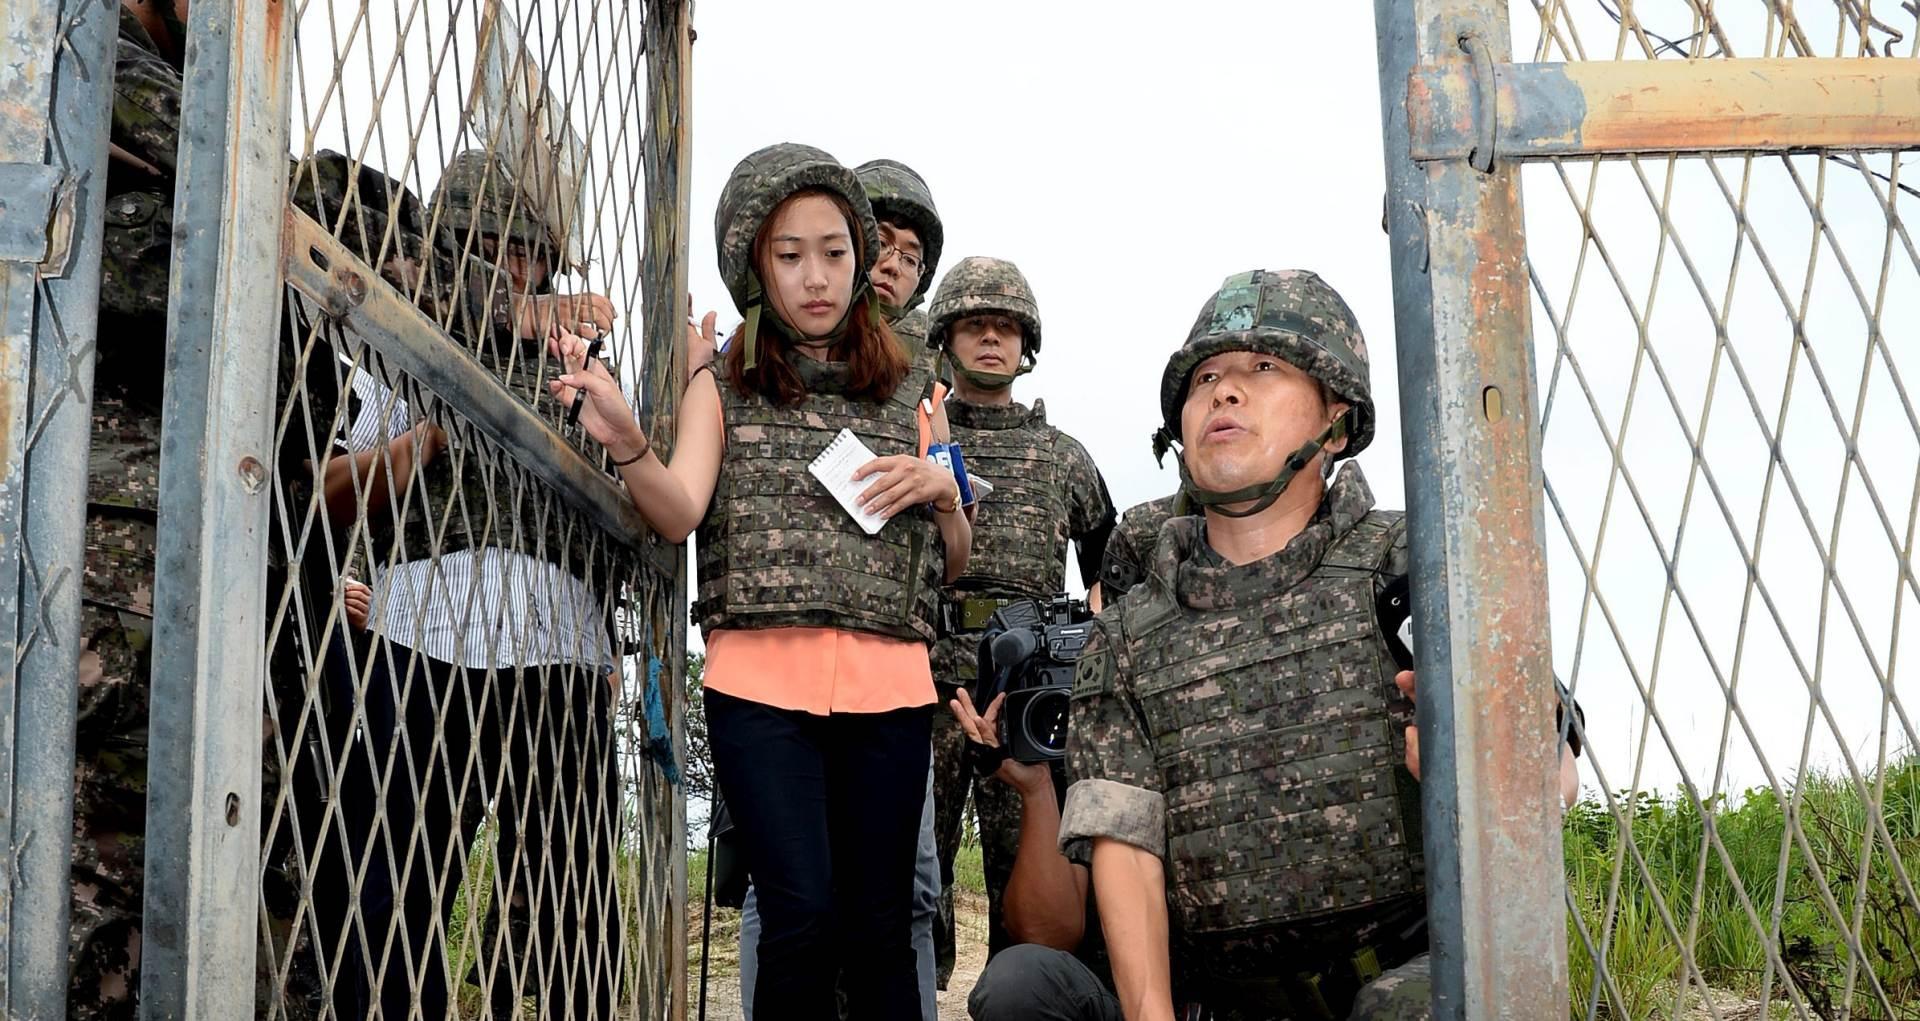 EKSPLOZIJA PROTUPJEŠAČKIH MINA:  Seul optužuje Pyongyang i najavljuje žestok odgovor